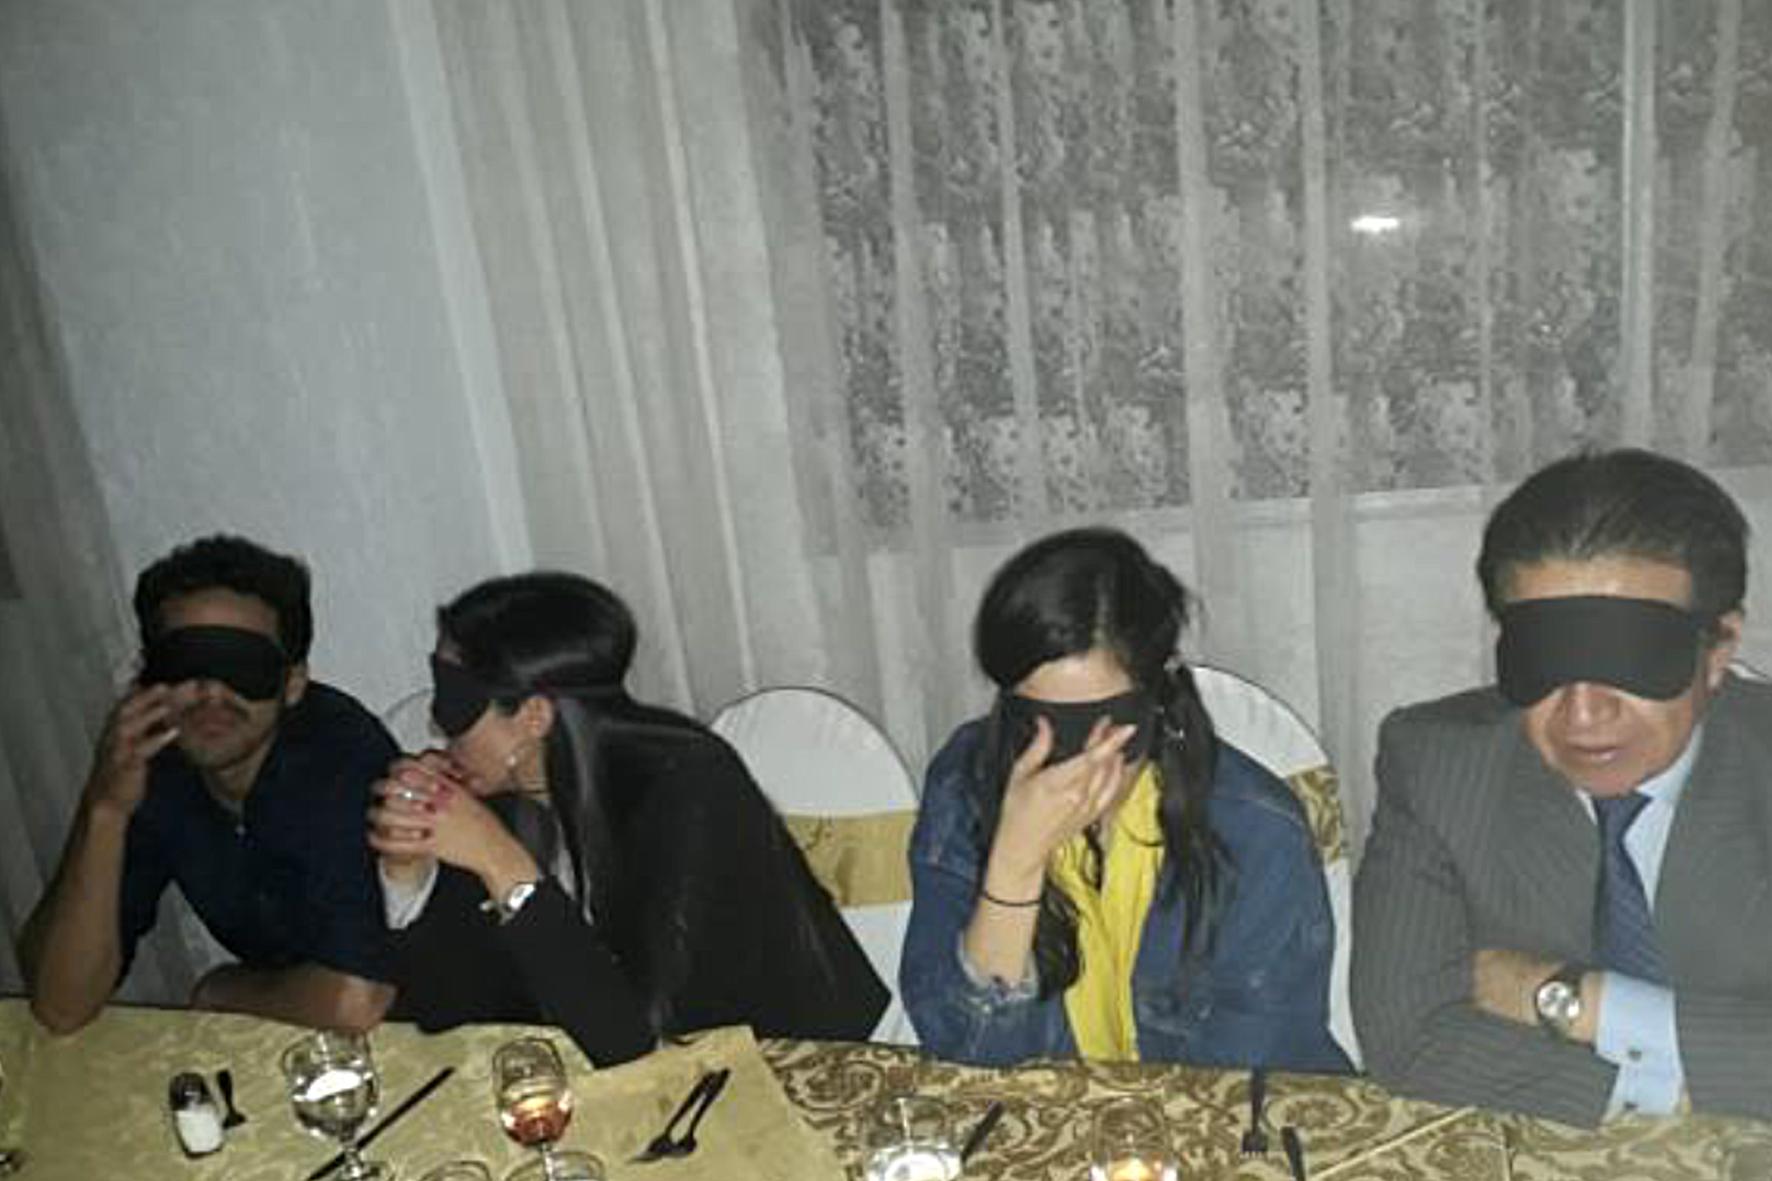 Los comensales se tapan los ojos para percibir la cena como lo hacen los ciegos.